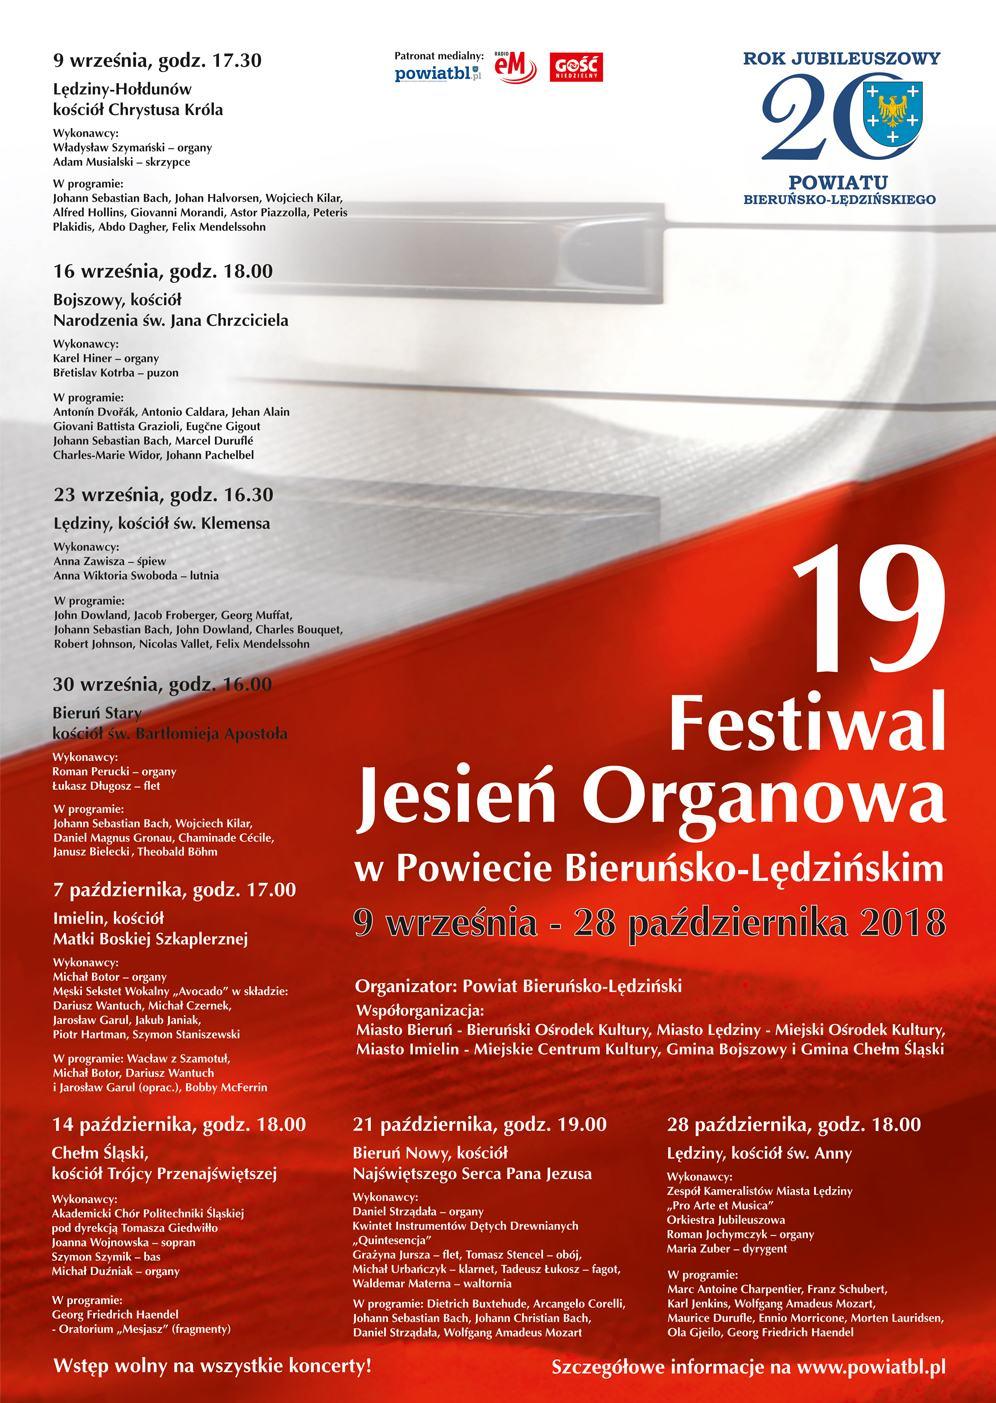 19 Jesień Organowa